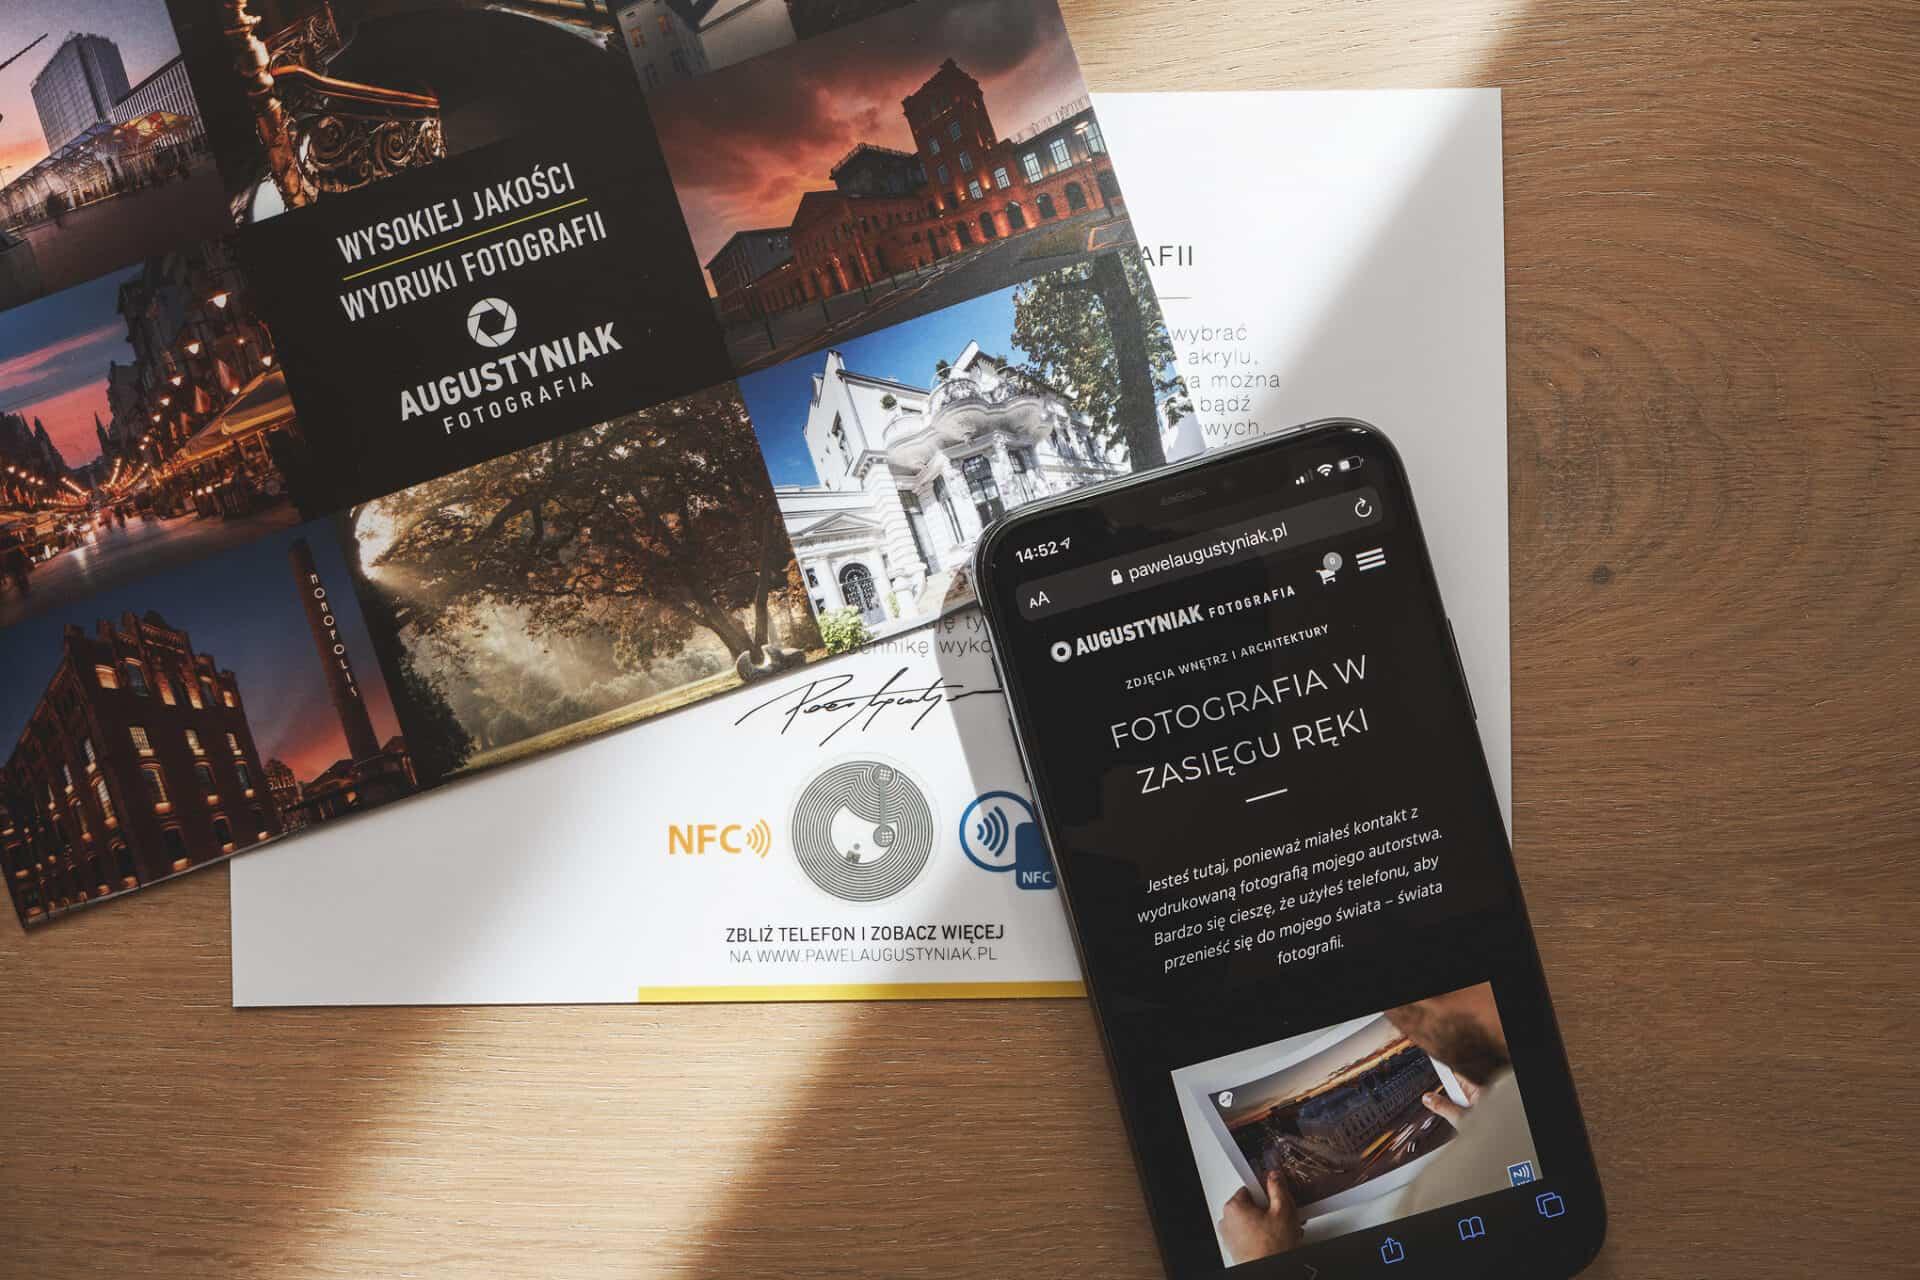 NFC PawełAugustyniak z iPhone X